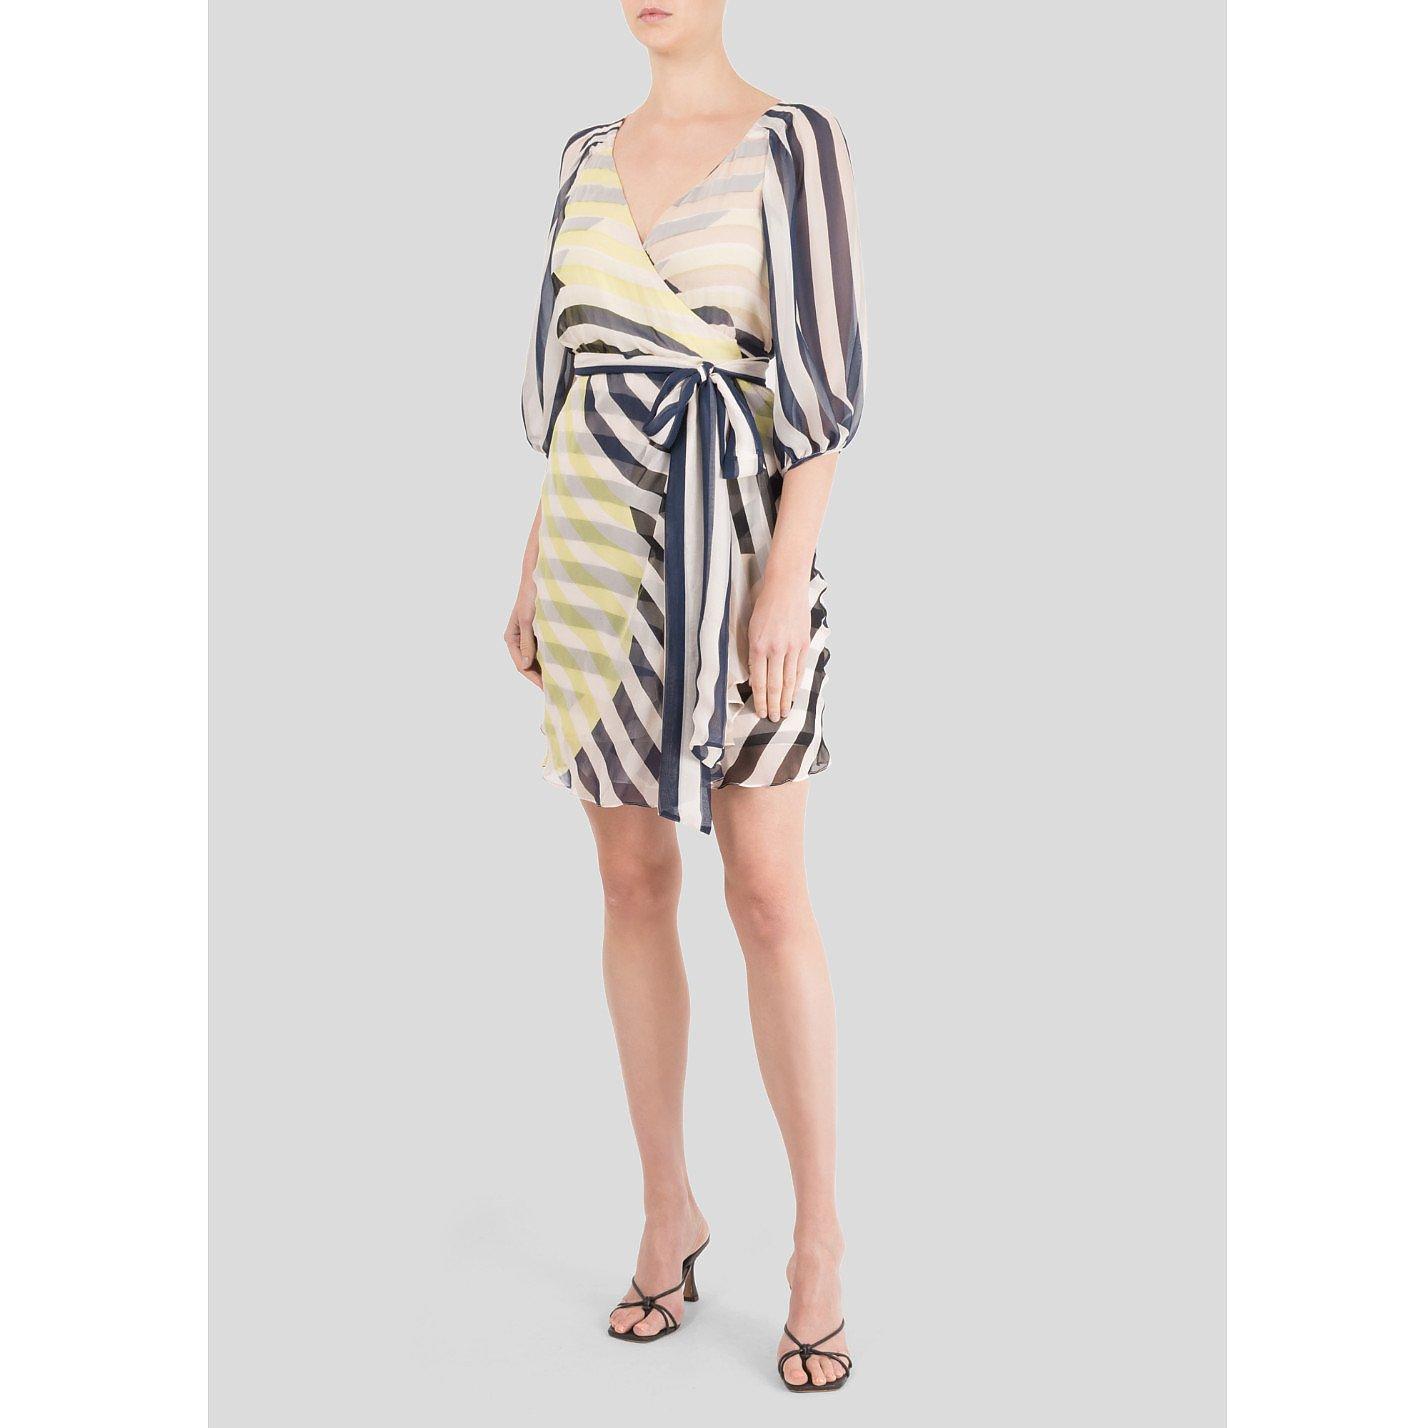 Diane von Furstenberg Striped Silk Tie Dress